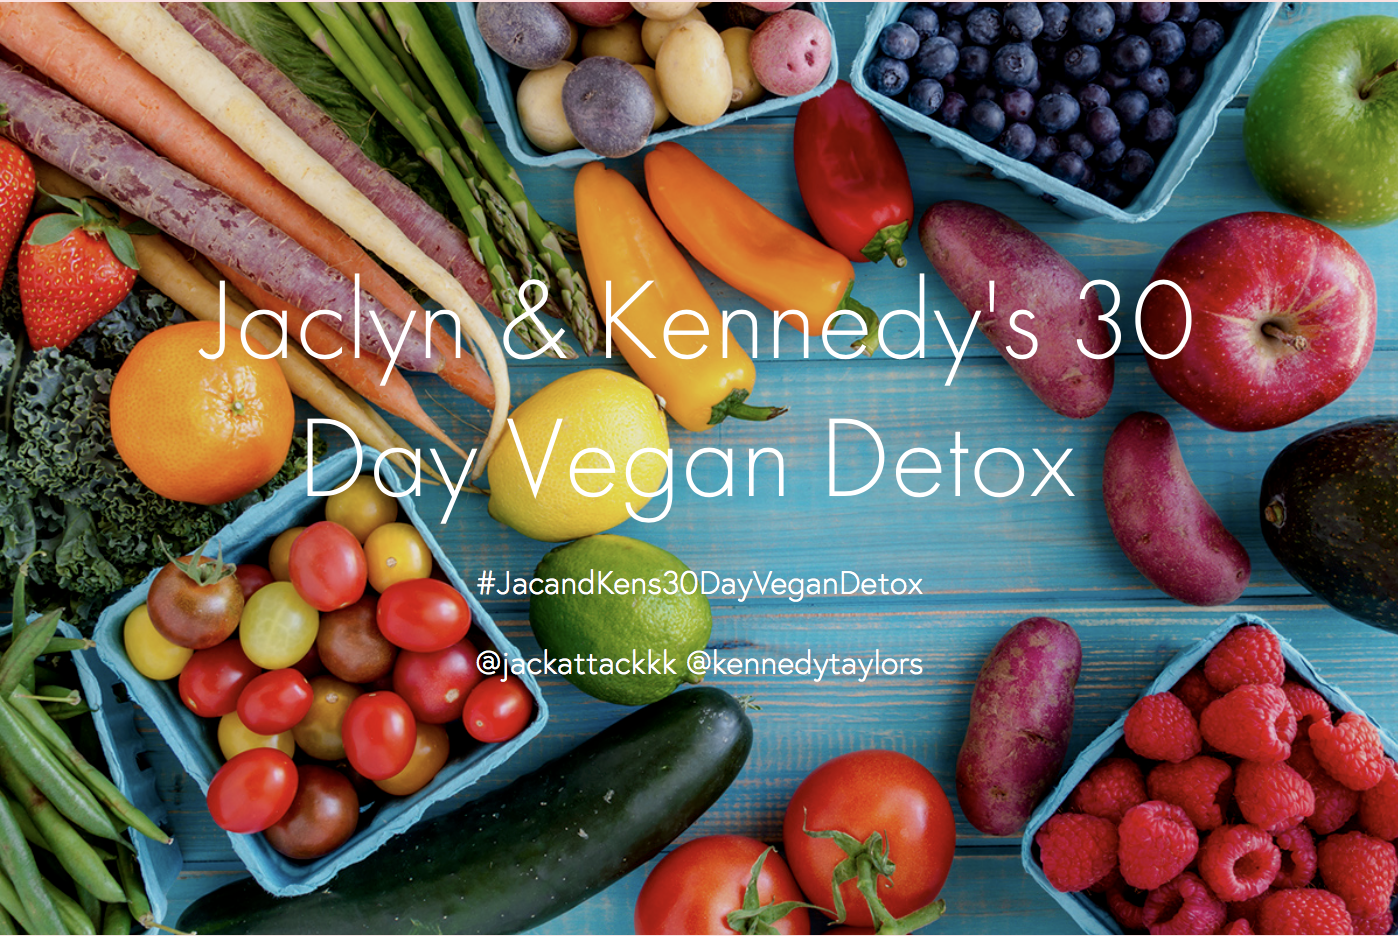 Vegan KennedysSide.com